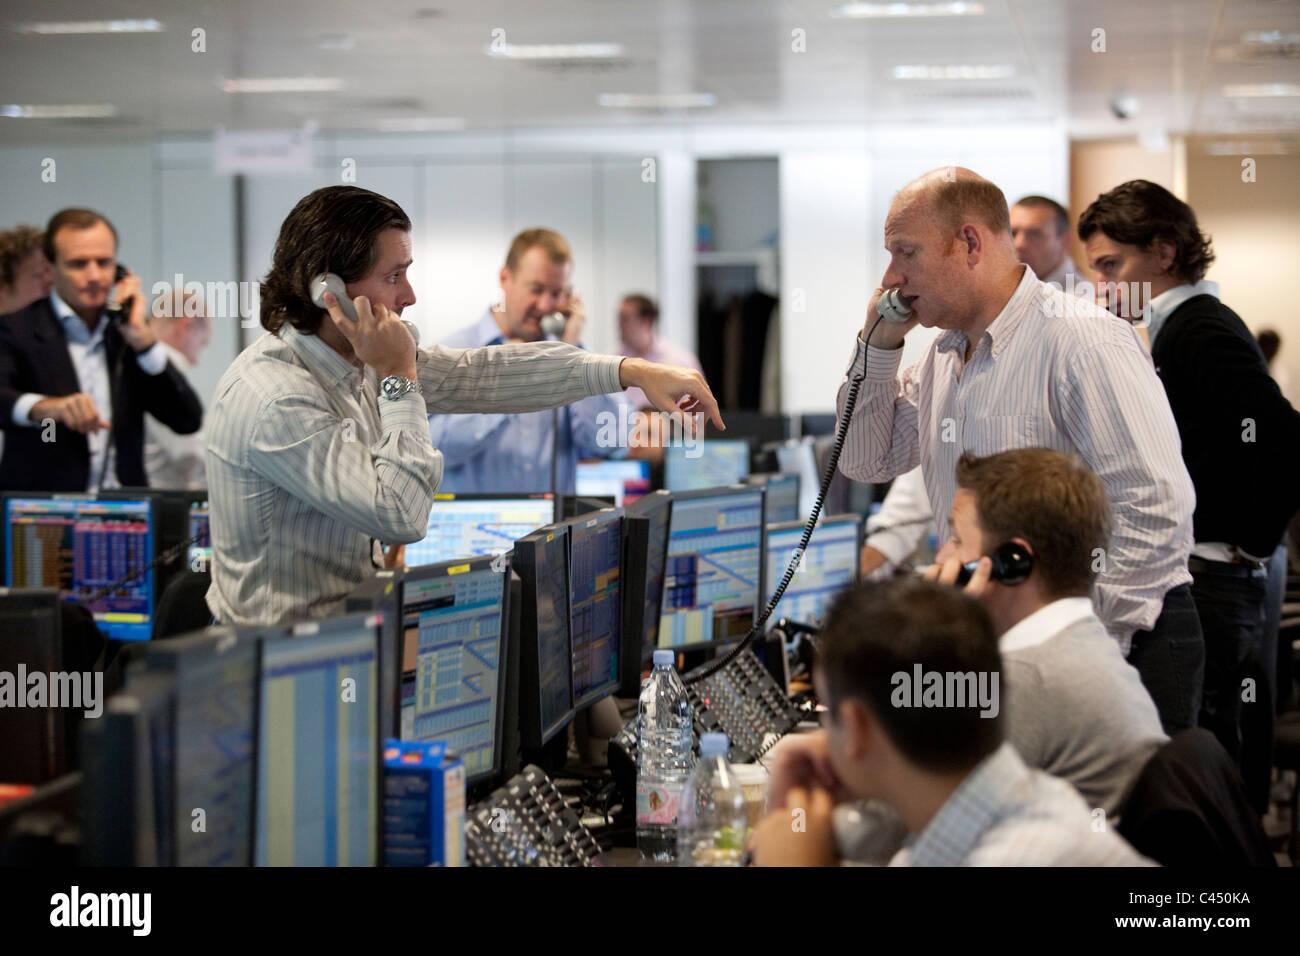 BGC voce + elettronica società di brokeraggio di trading floor , dove gli operatori di competere sui prezzi, Immagini Stock